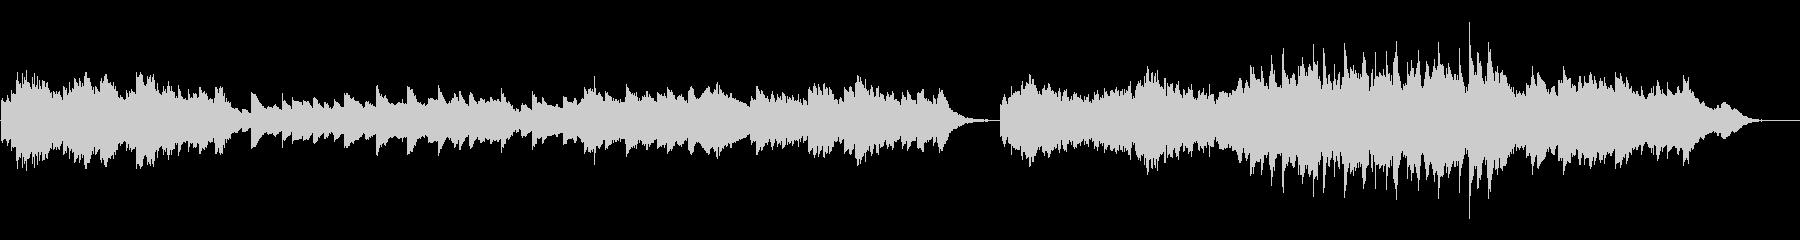 ダークで神秘的な倍音のある童nur...の未再生の波形